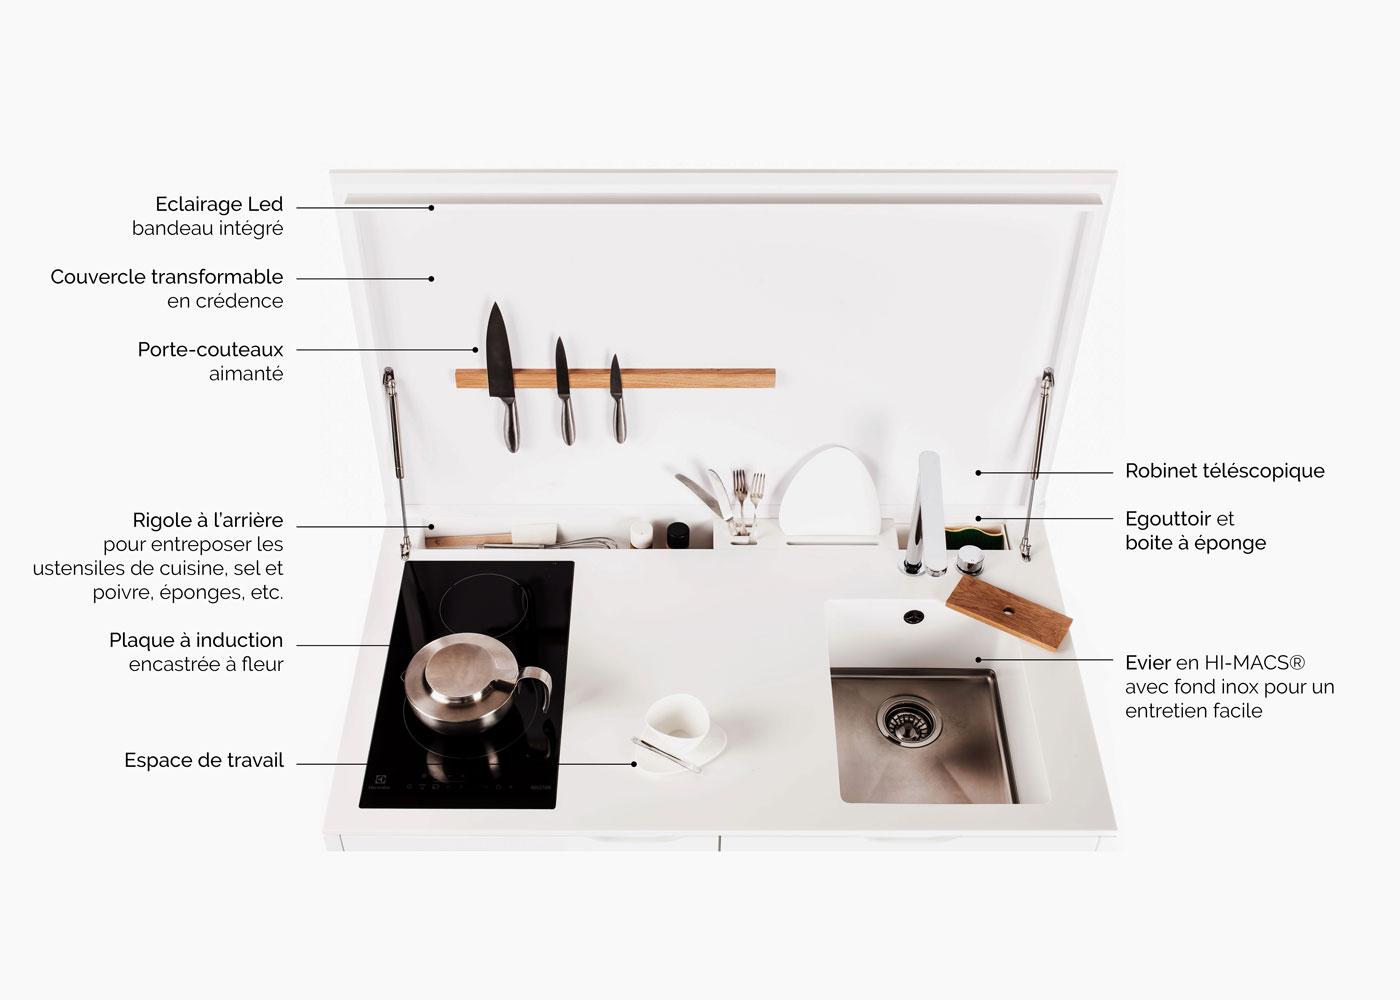 plan de travail lg himacs cuisine pour petits espaces optimises gain de place with mini cuisine. Black Bedroom Furniture Sets. Home Design Ideas